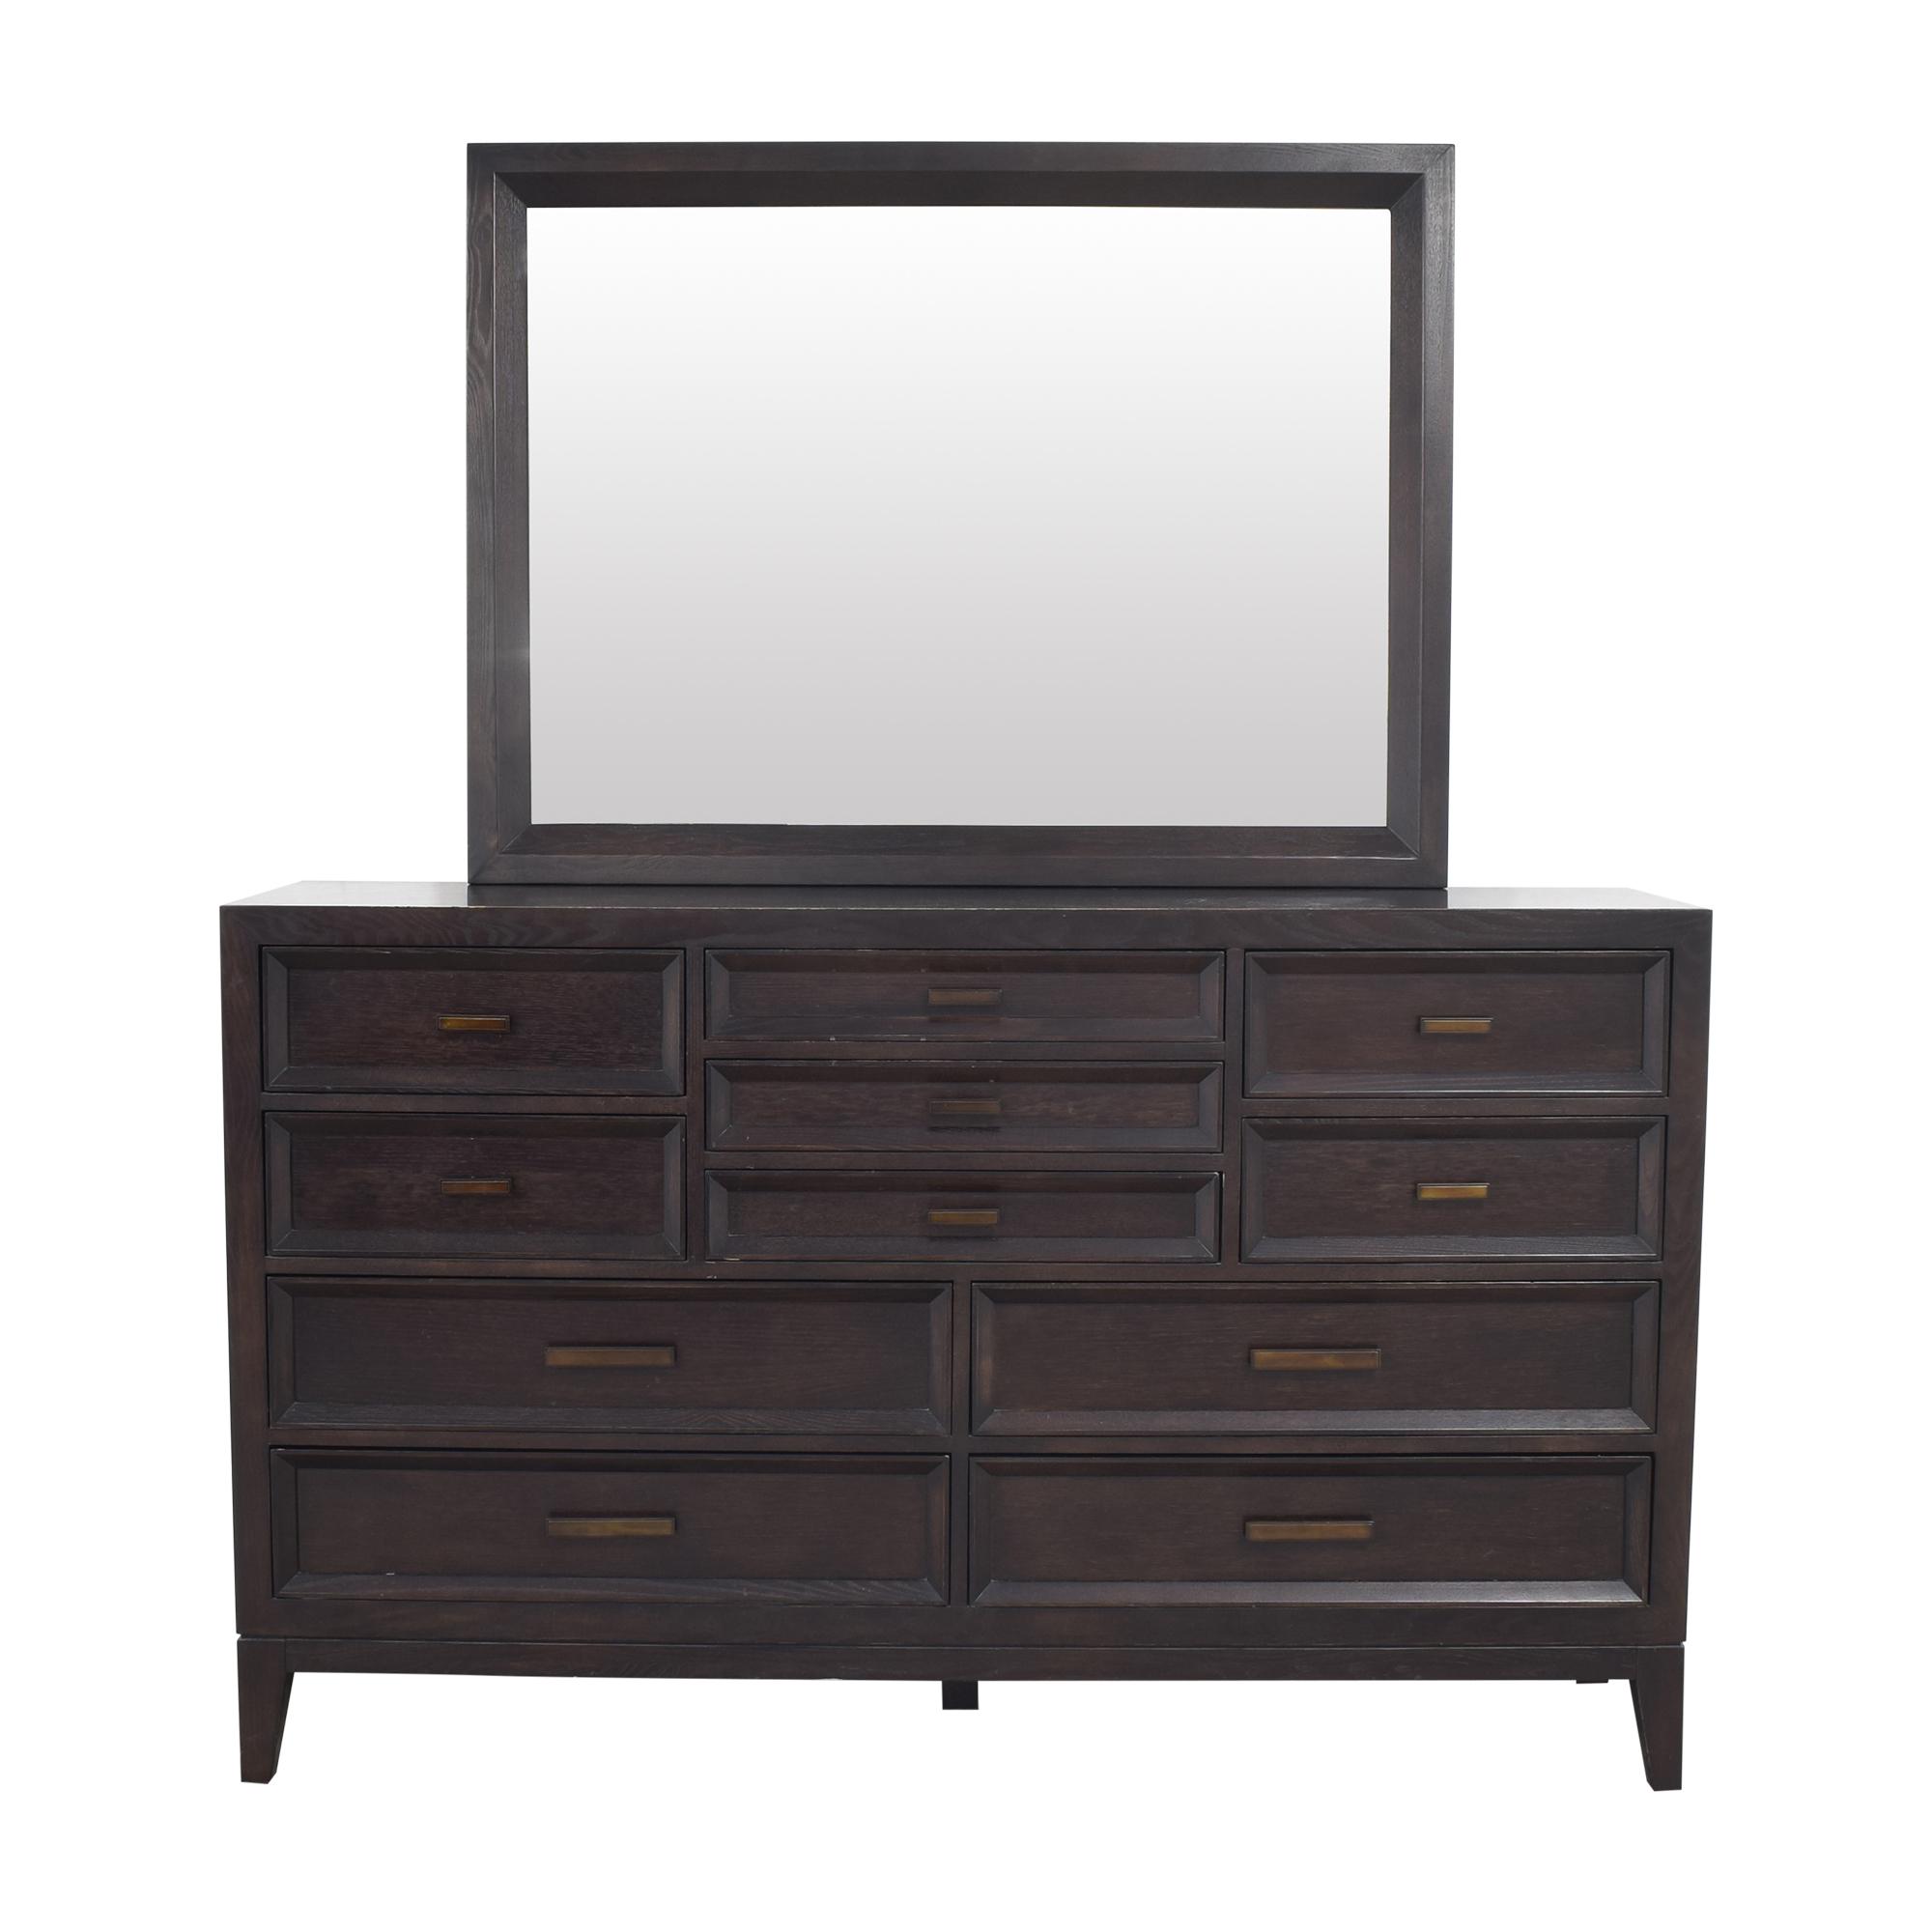 Safavieh  Safavieh Eleven Drawer Dresser with Mirror price